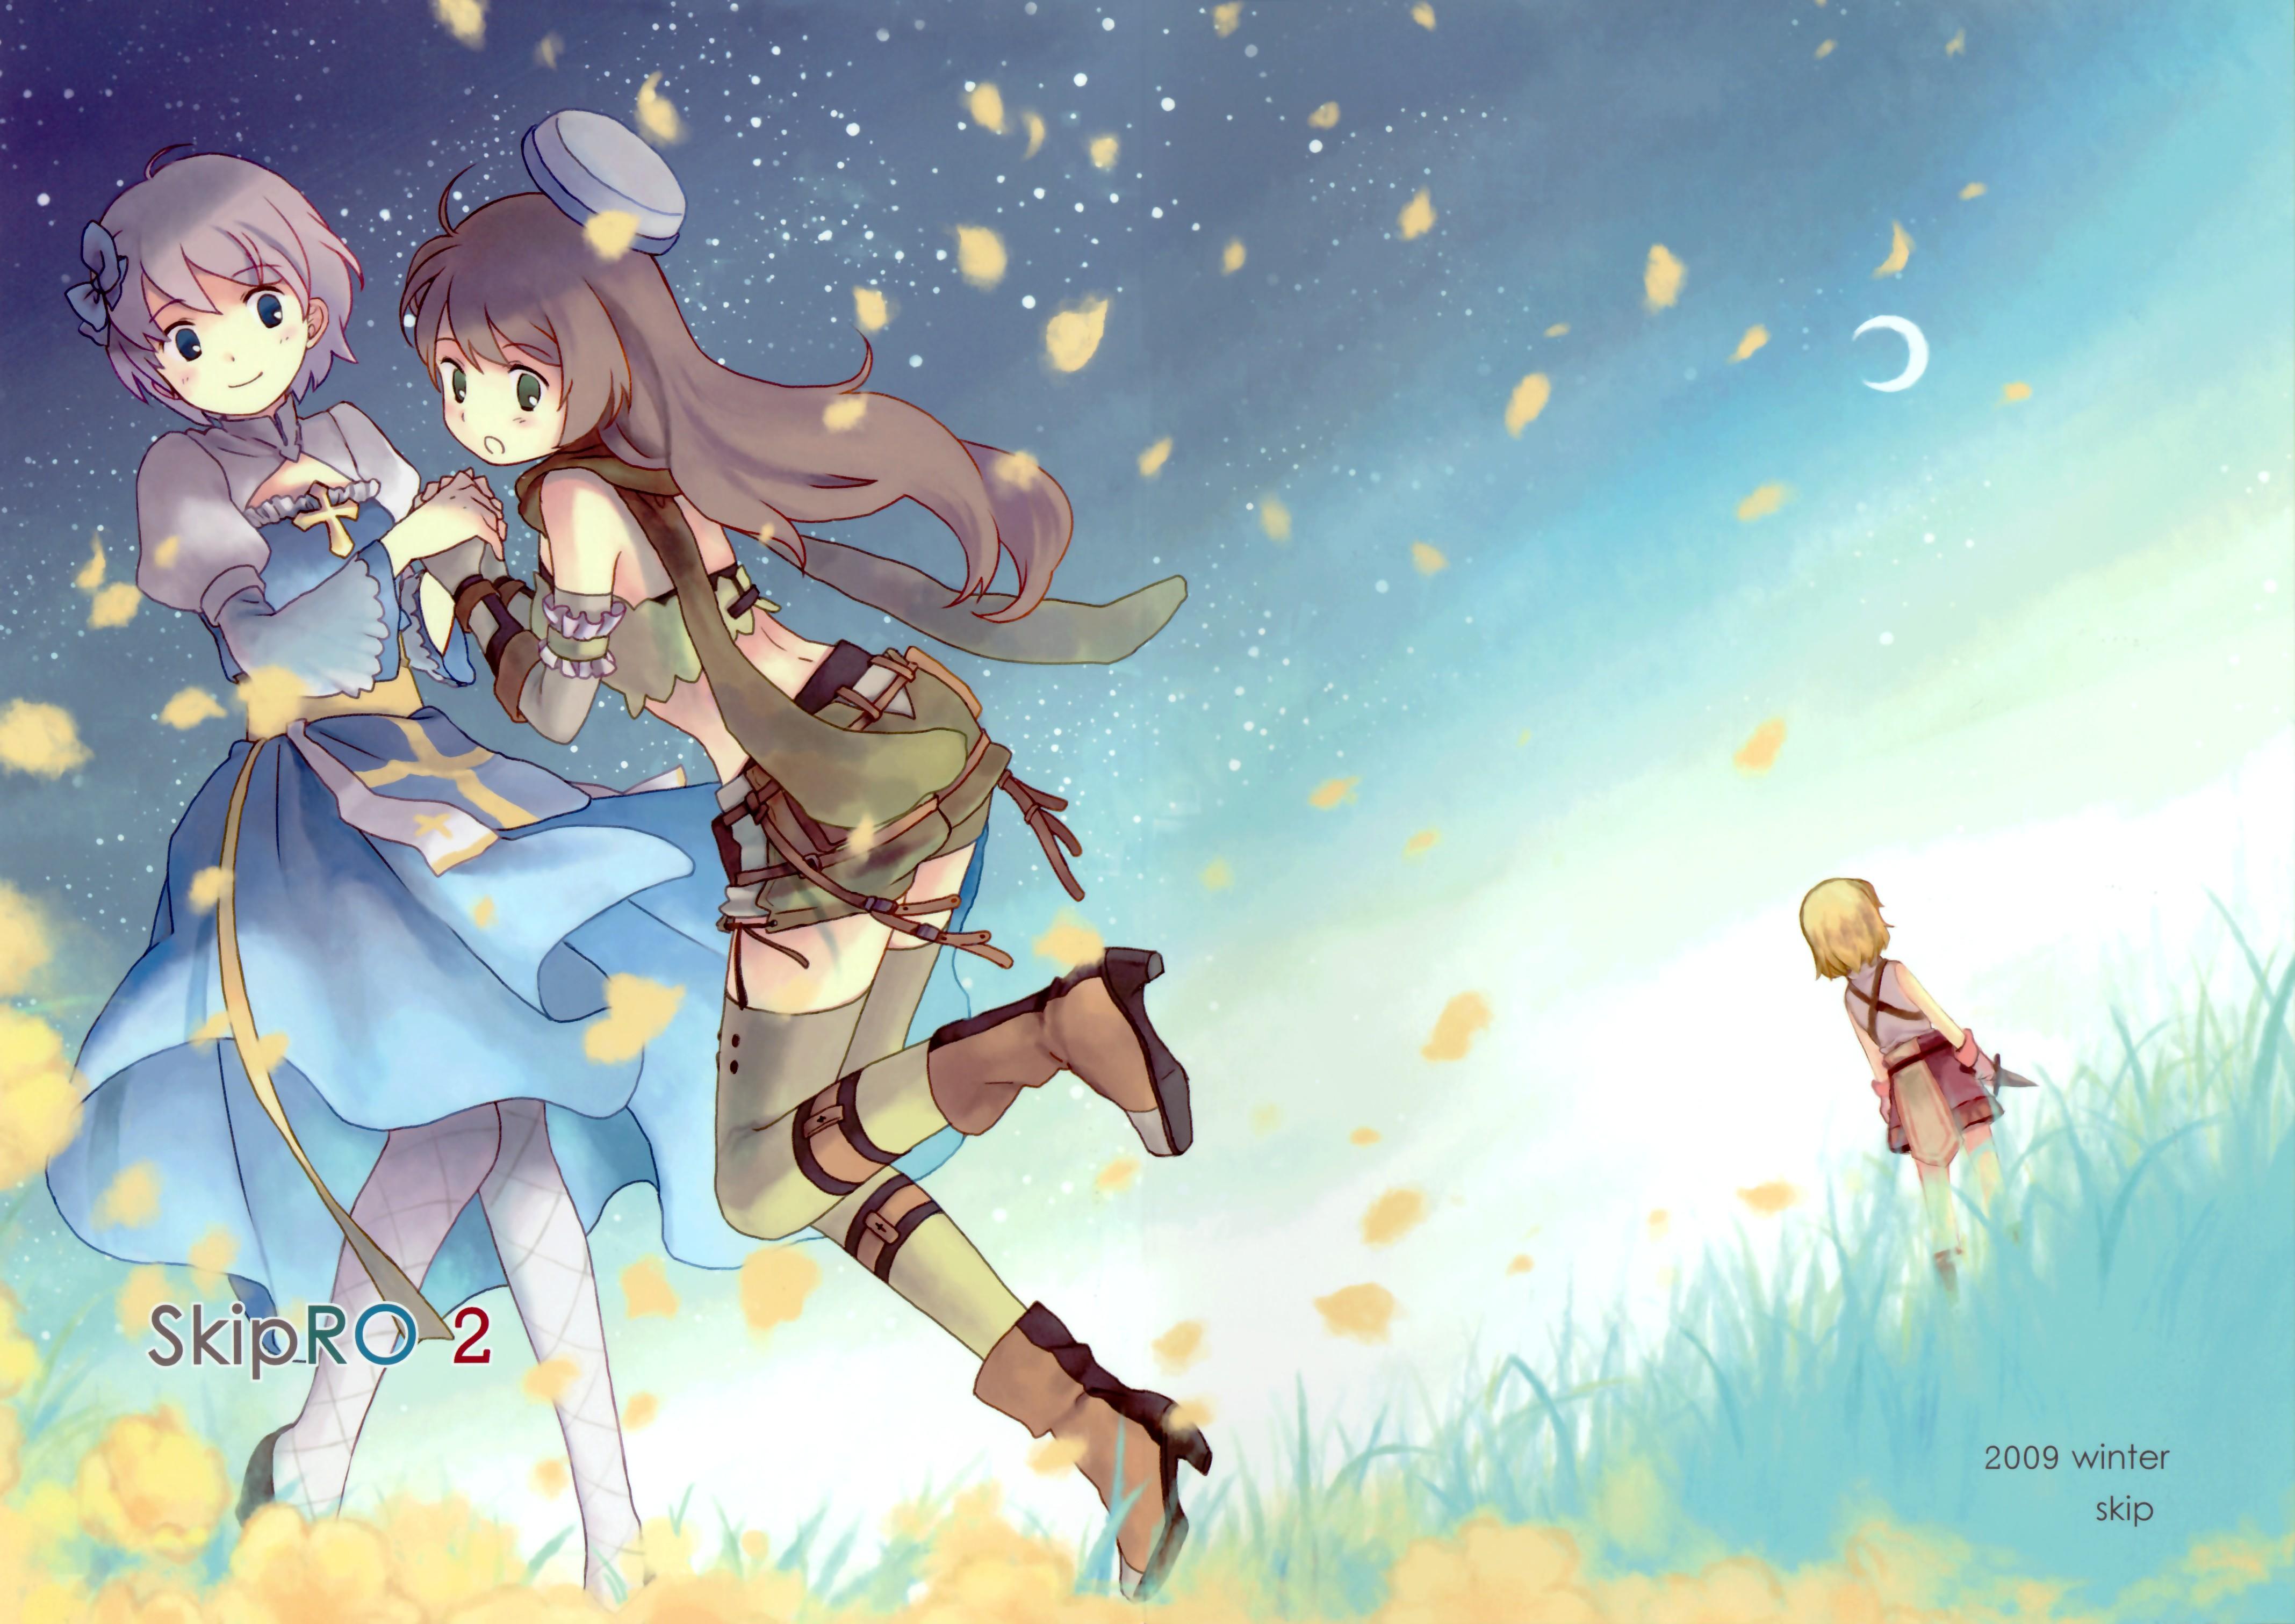 Ragnarok Online Fanart Page 2 Zerochan Anime Image Board